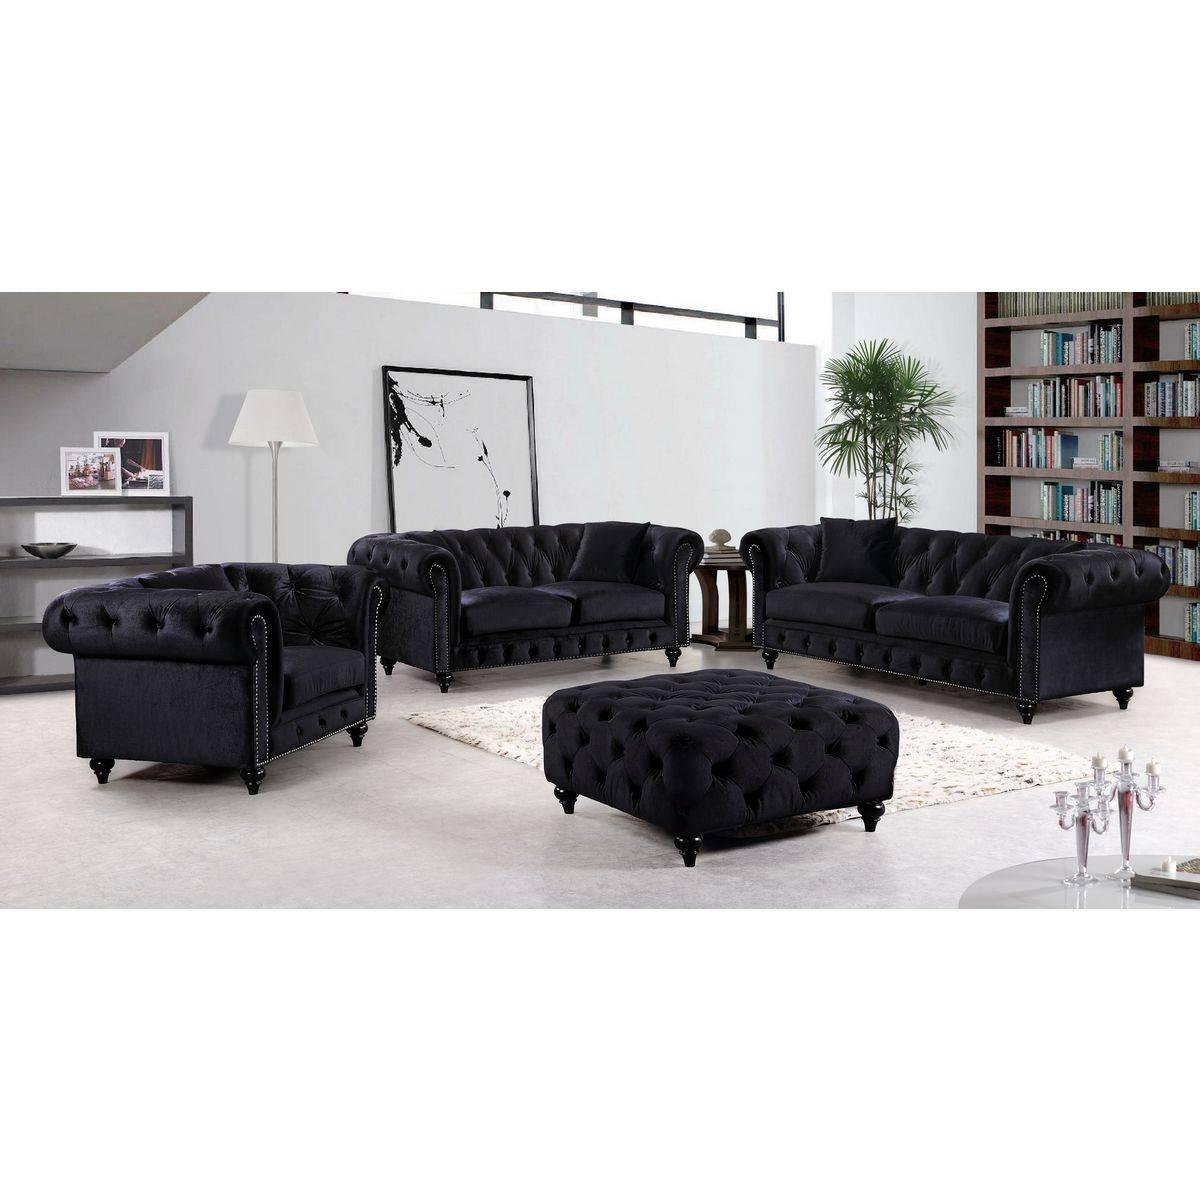 Meridian Furniture 662Bl-S Chesterfield Tufted Black Velvet Sofa W in Black Velvet Sofas (Image 15 of 30)